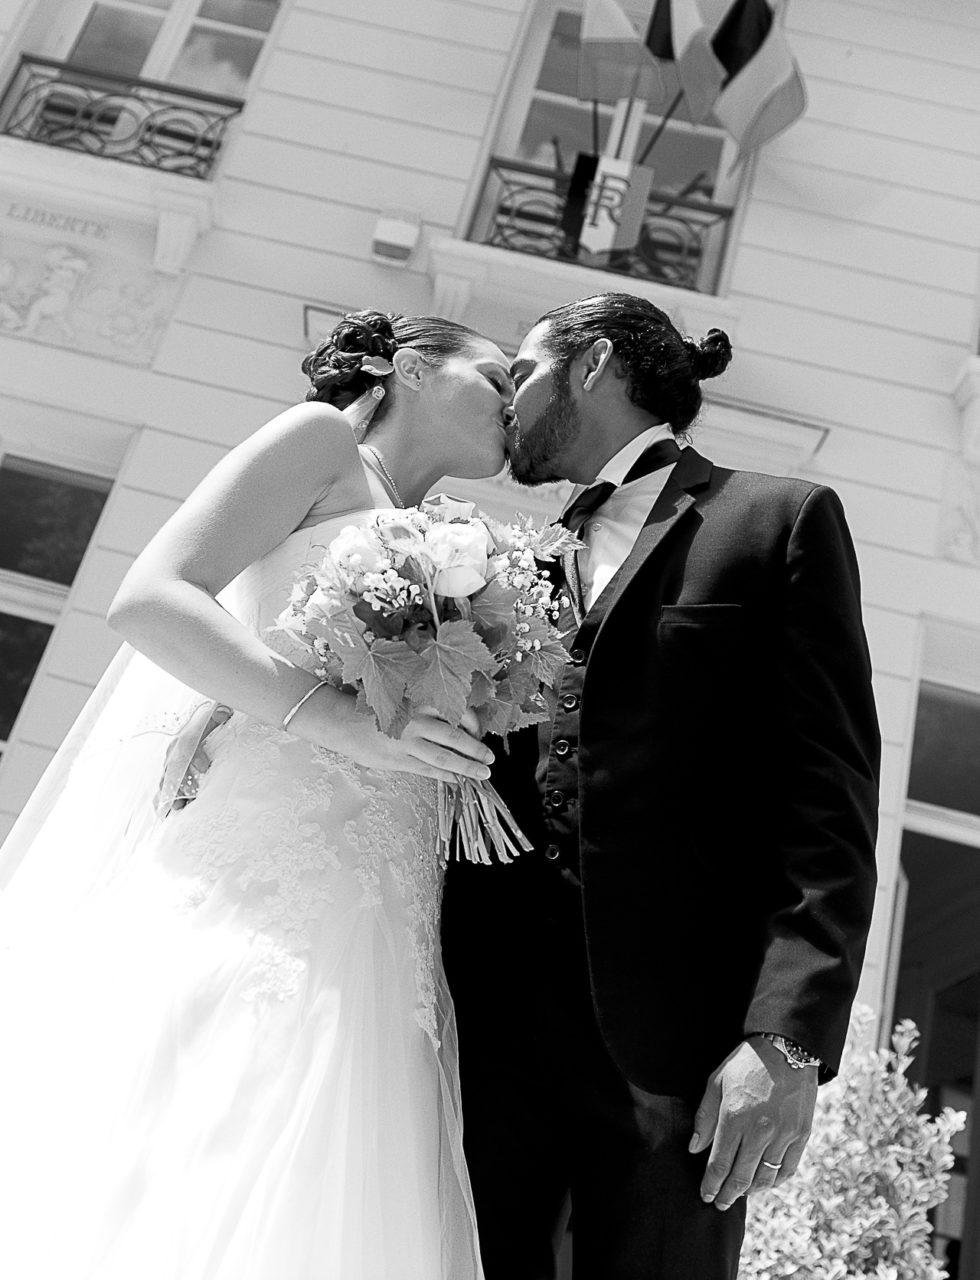 photographe-ile-de-france-mariage-paris-2